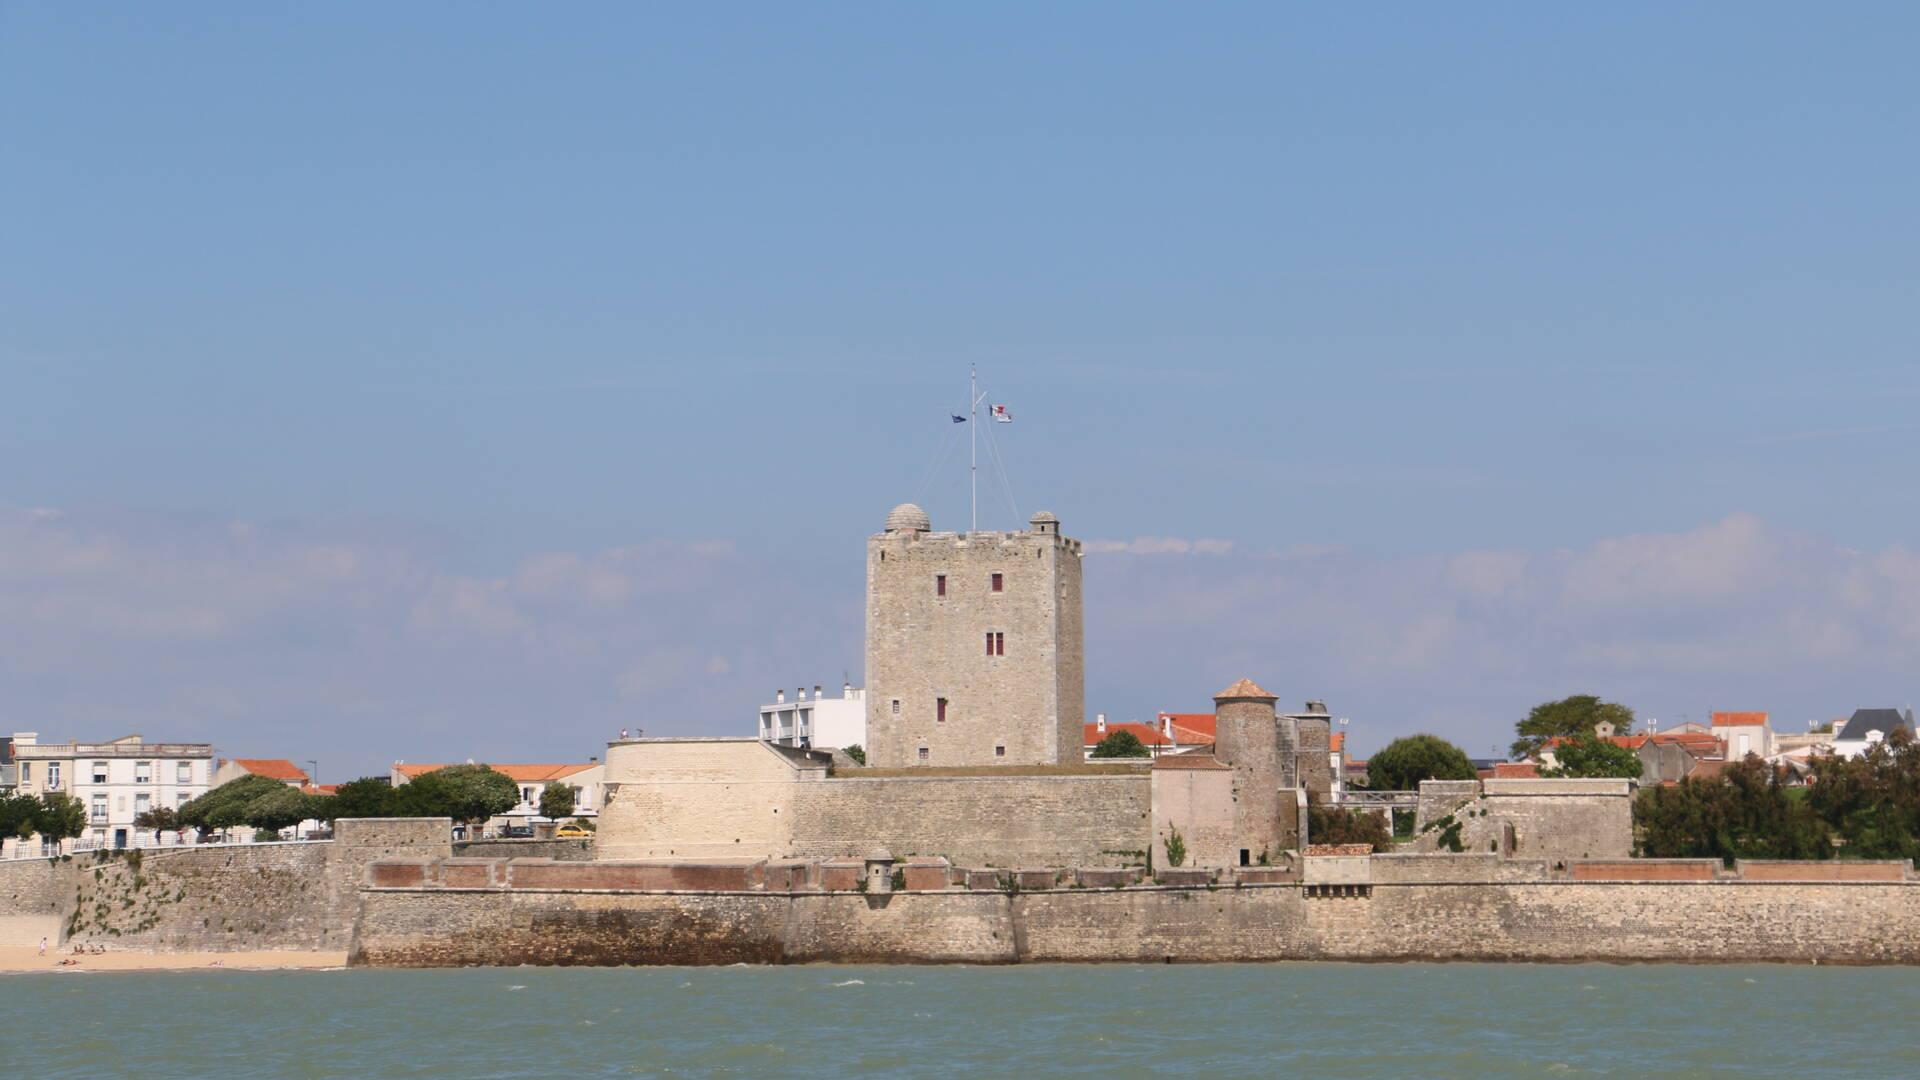 Vue sur Fouras et son fort Vauban